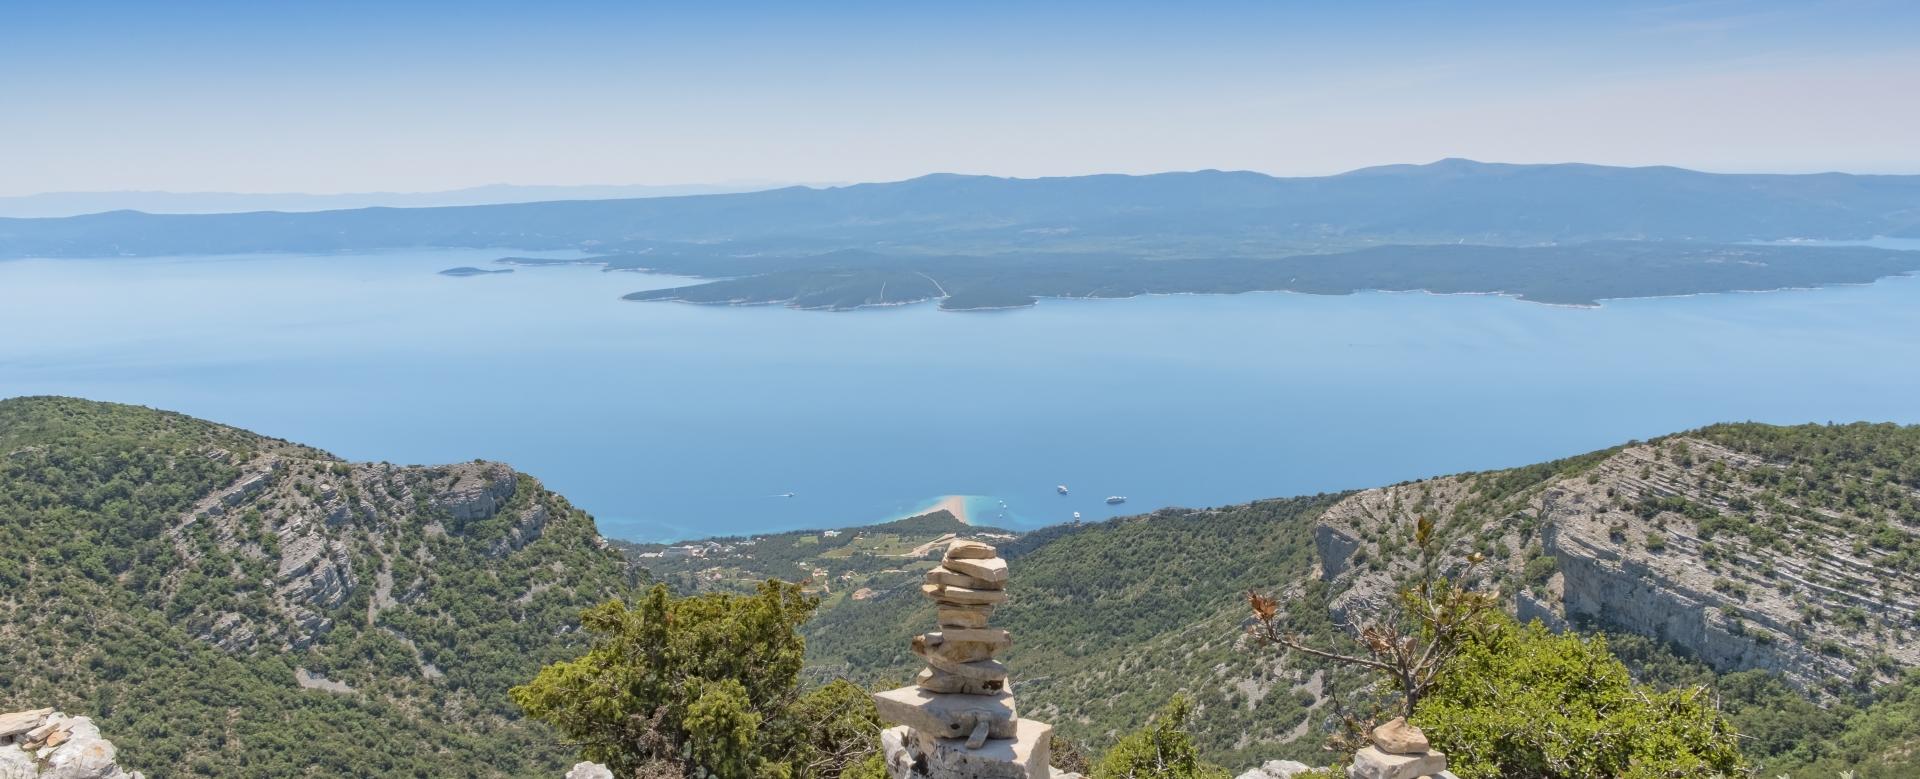 Voyage à pied : Montagnes et îles de croatie